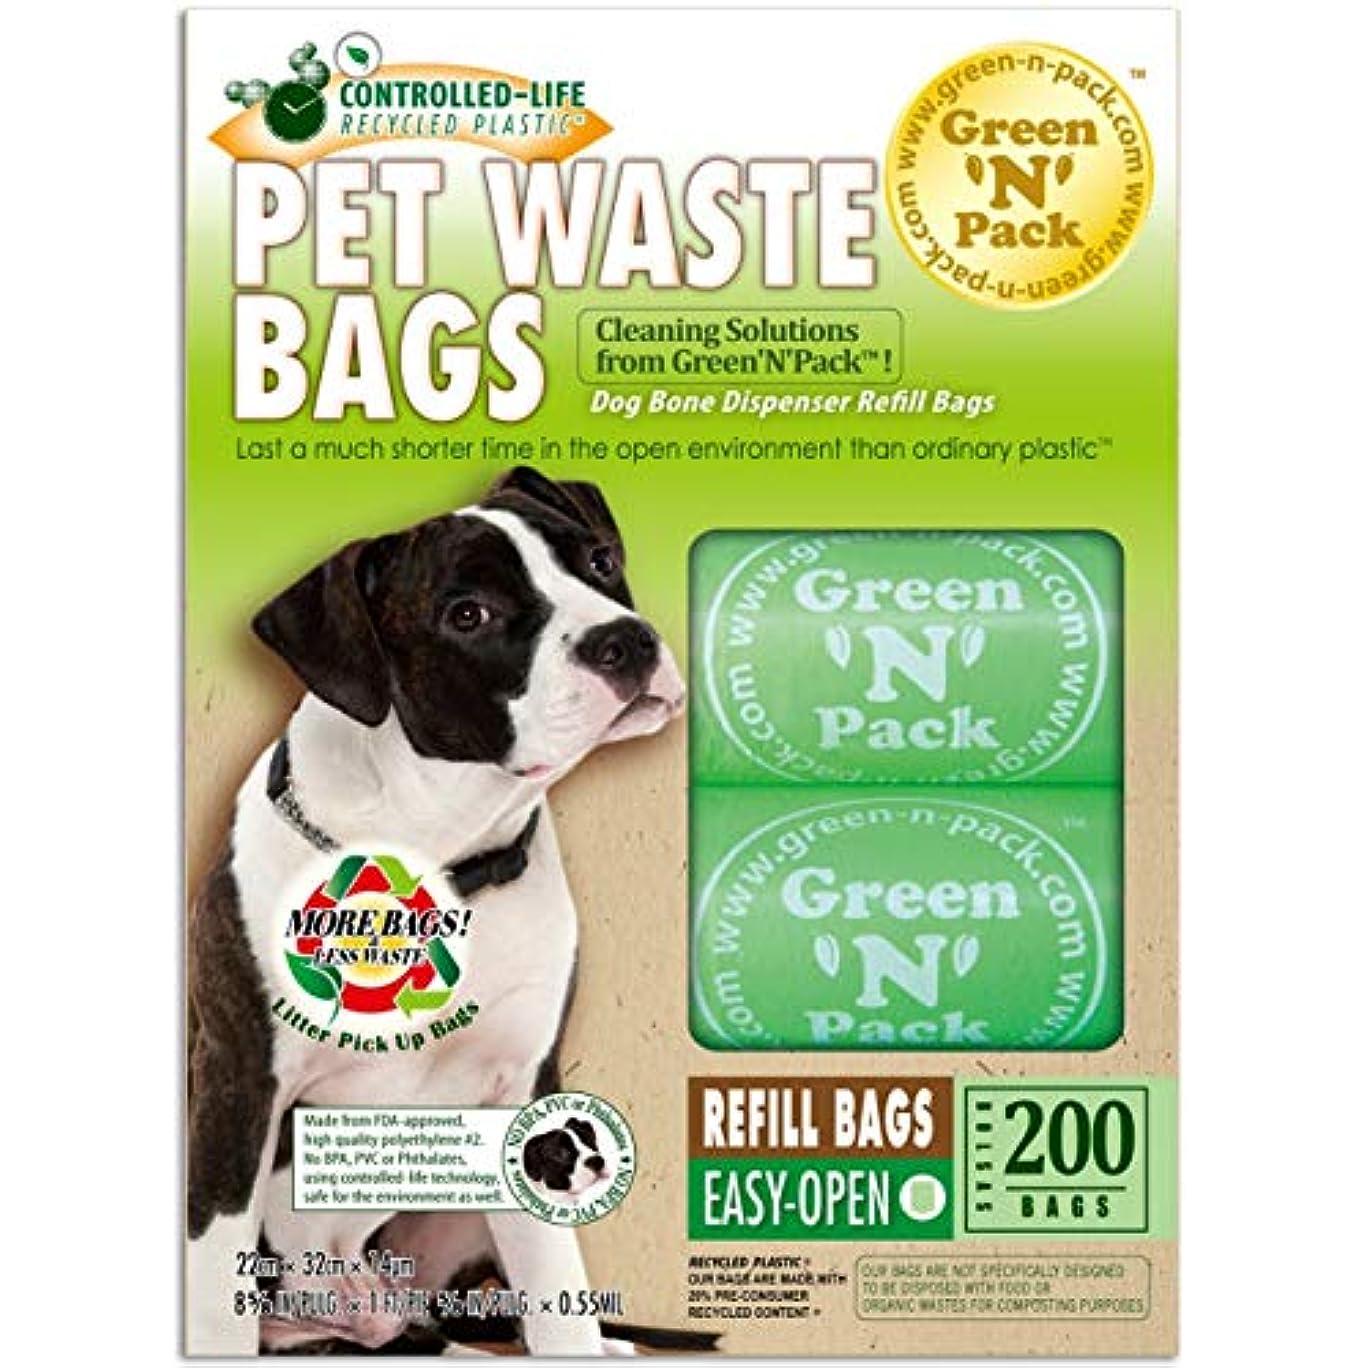 名誉頻繁に愛人Green 'N' Pack Eco Friendly Bags - 犬Pooは日 75 パックを袋に入れる - 200バッグ